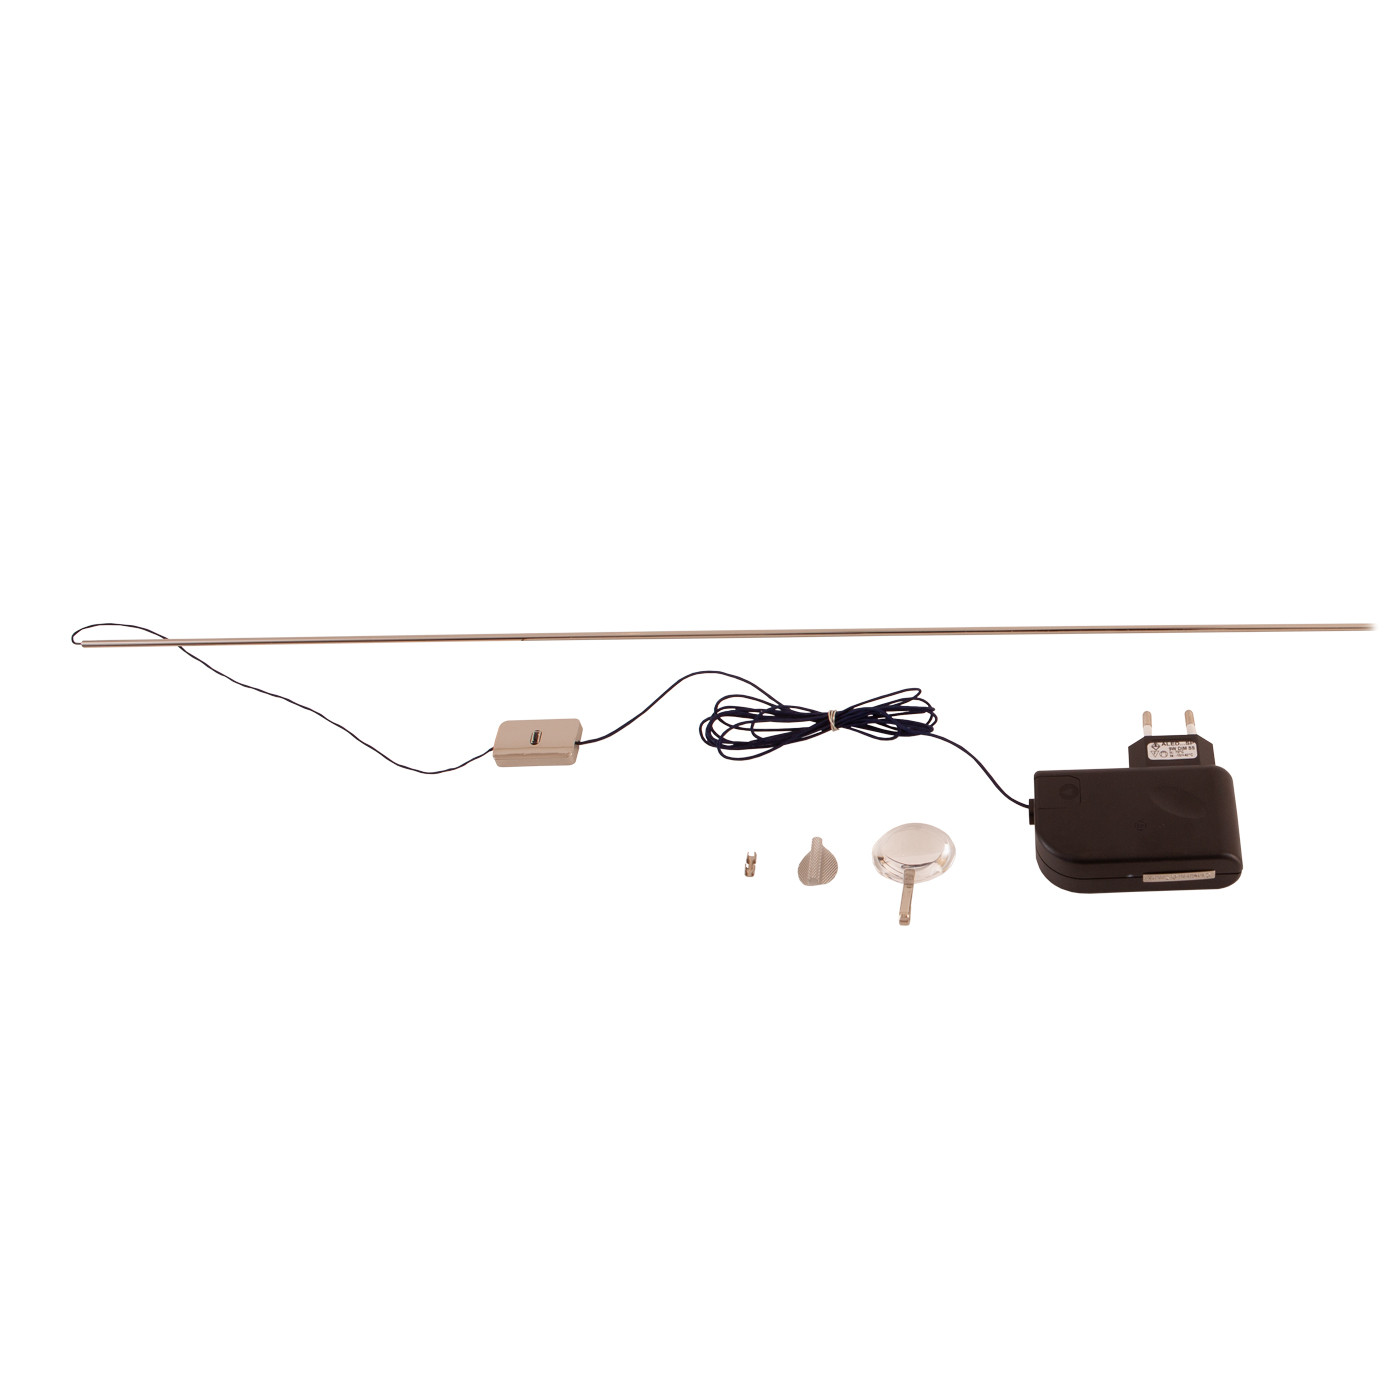 Catellani & Smith Wa Terra bras de remplacement avec électrique